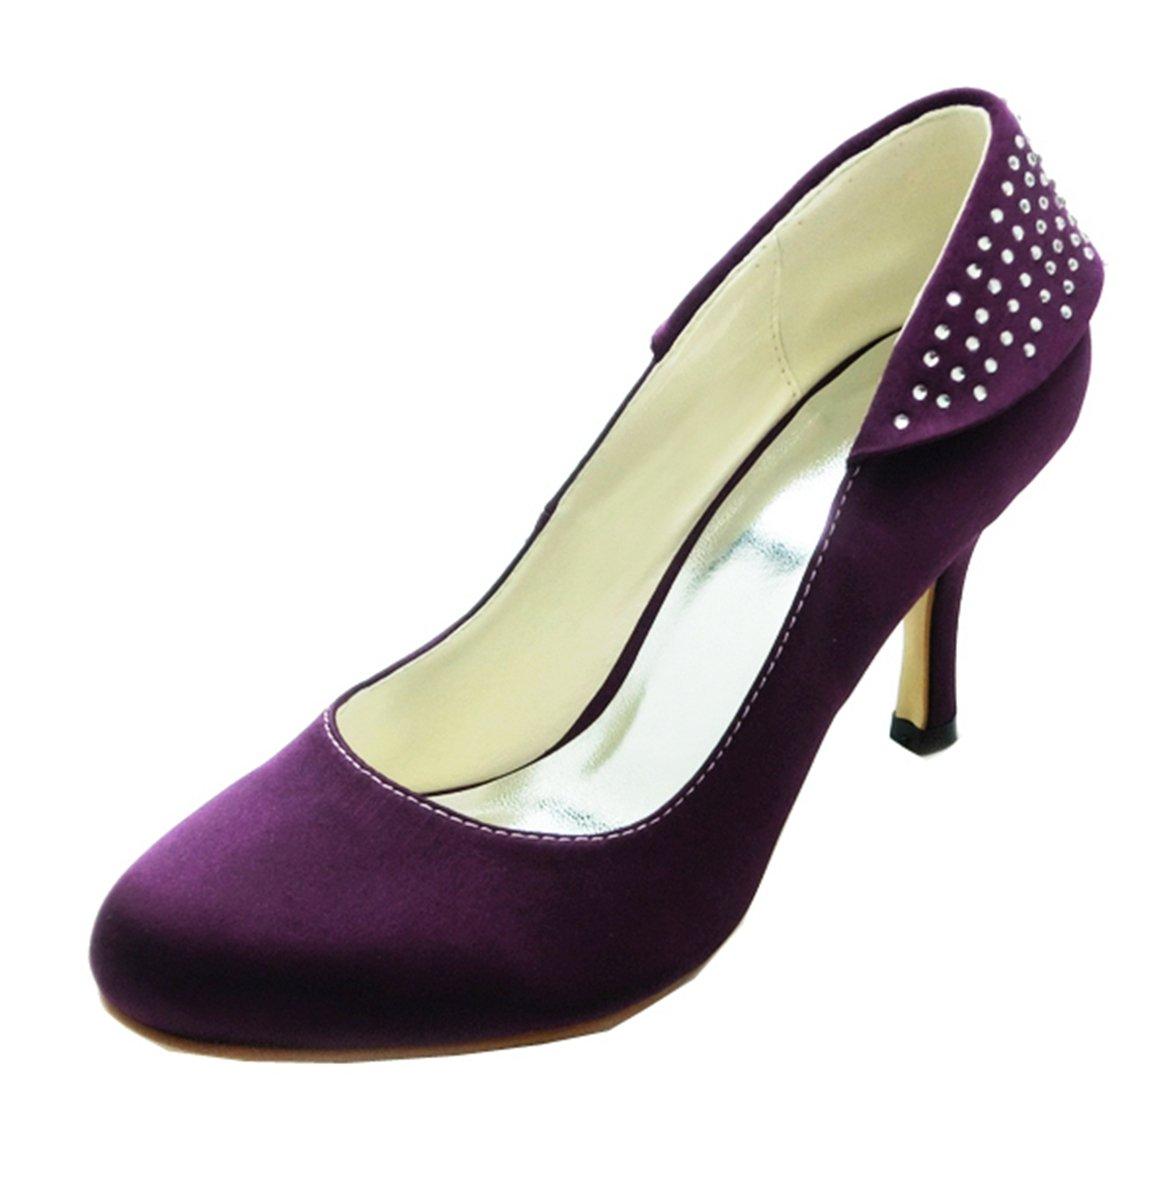 Minitoo , Semelle violet compensée Semelle 19242 femme Violet - violet 2d50126 - automaticcouplings.space